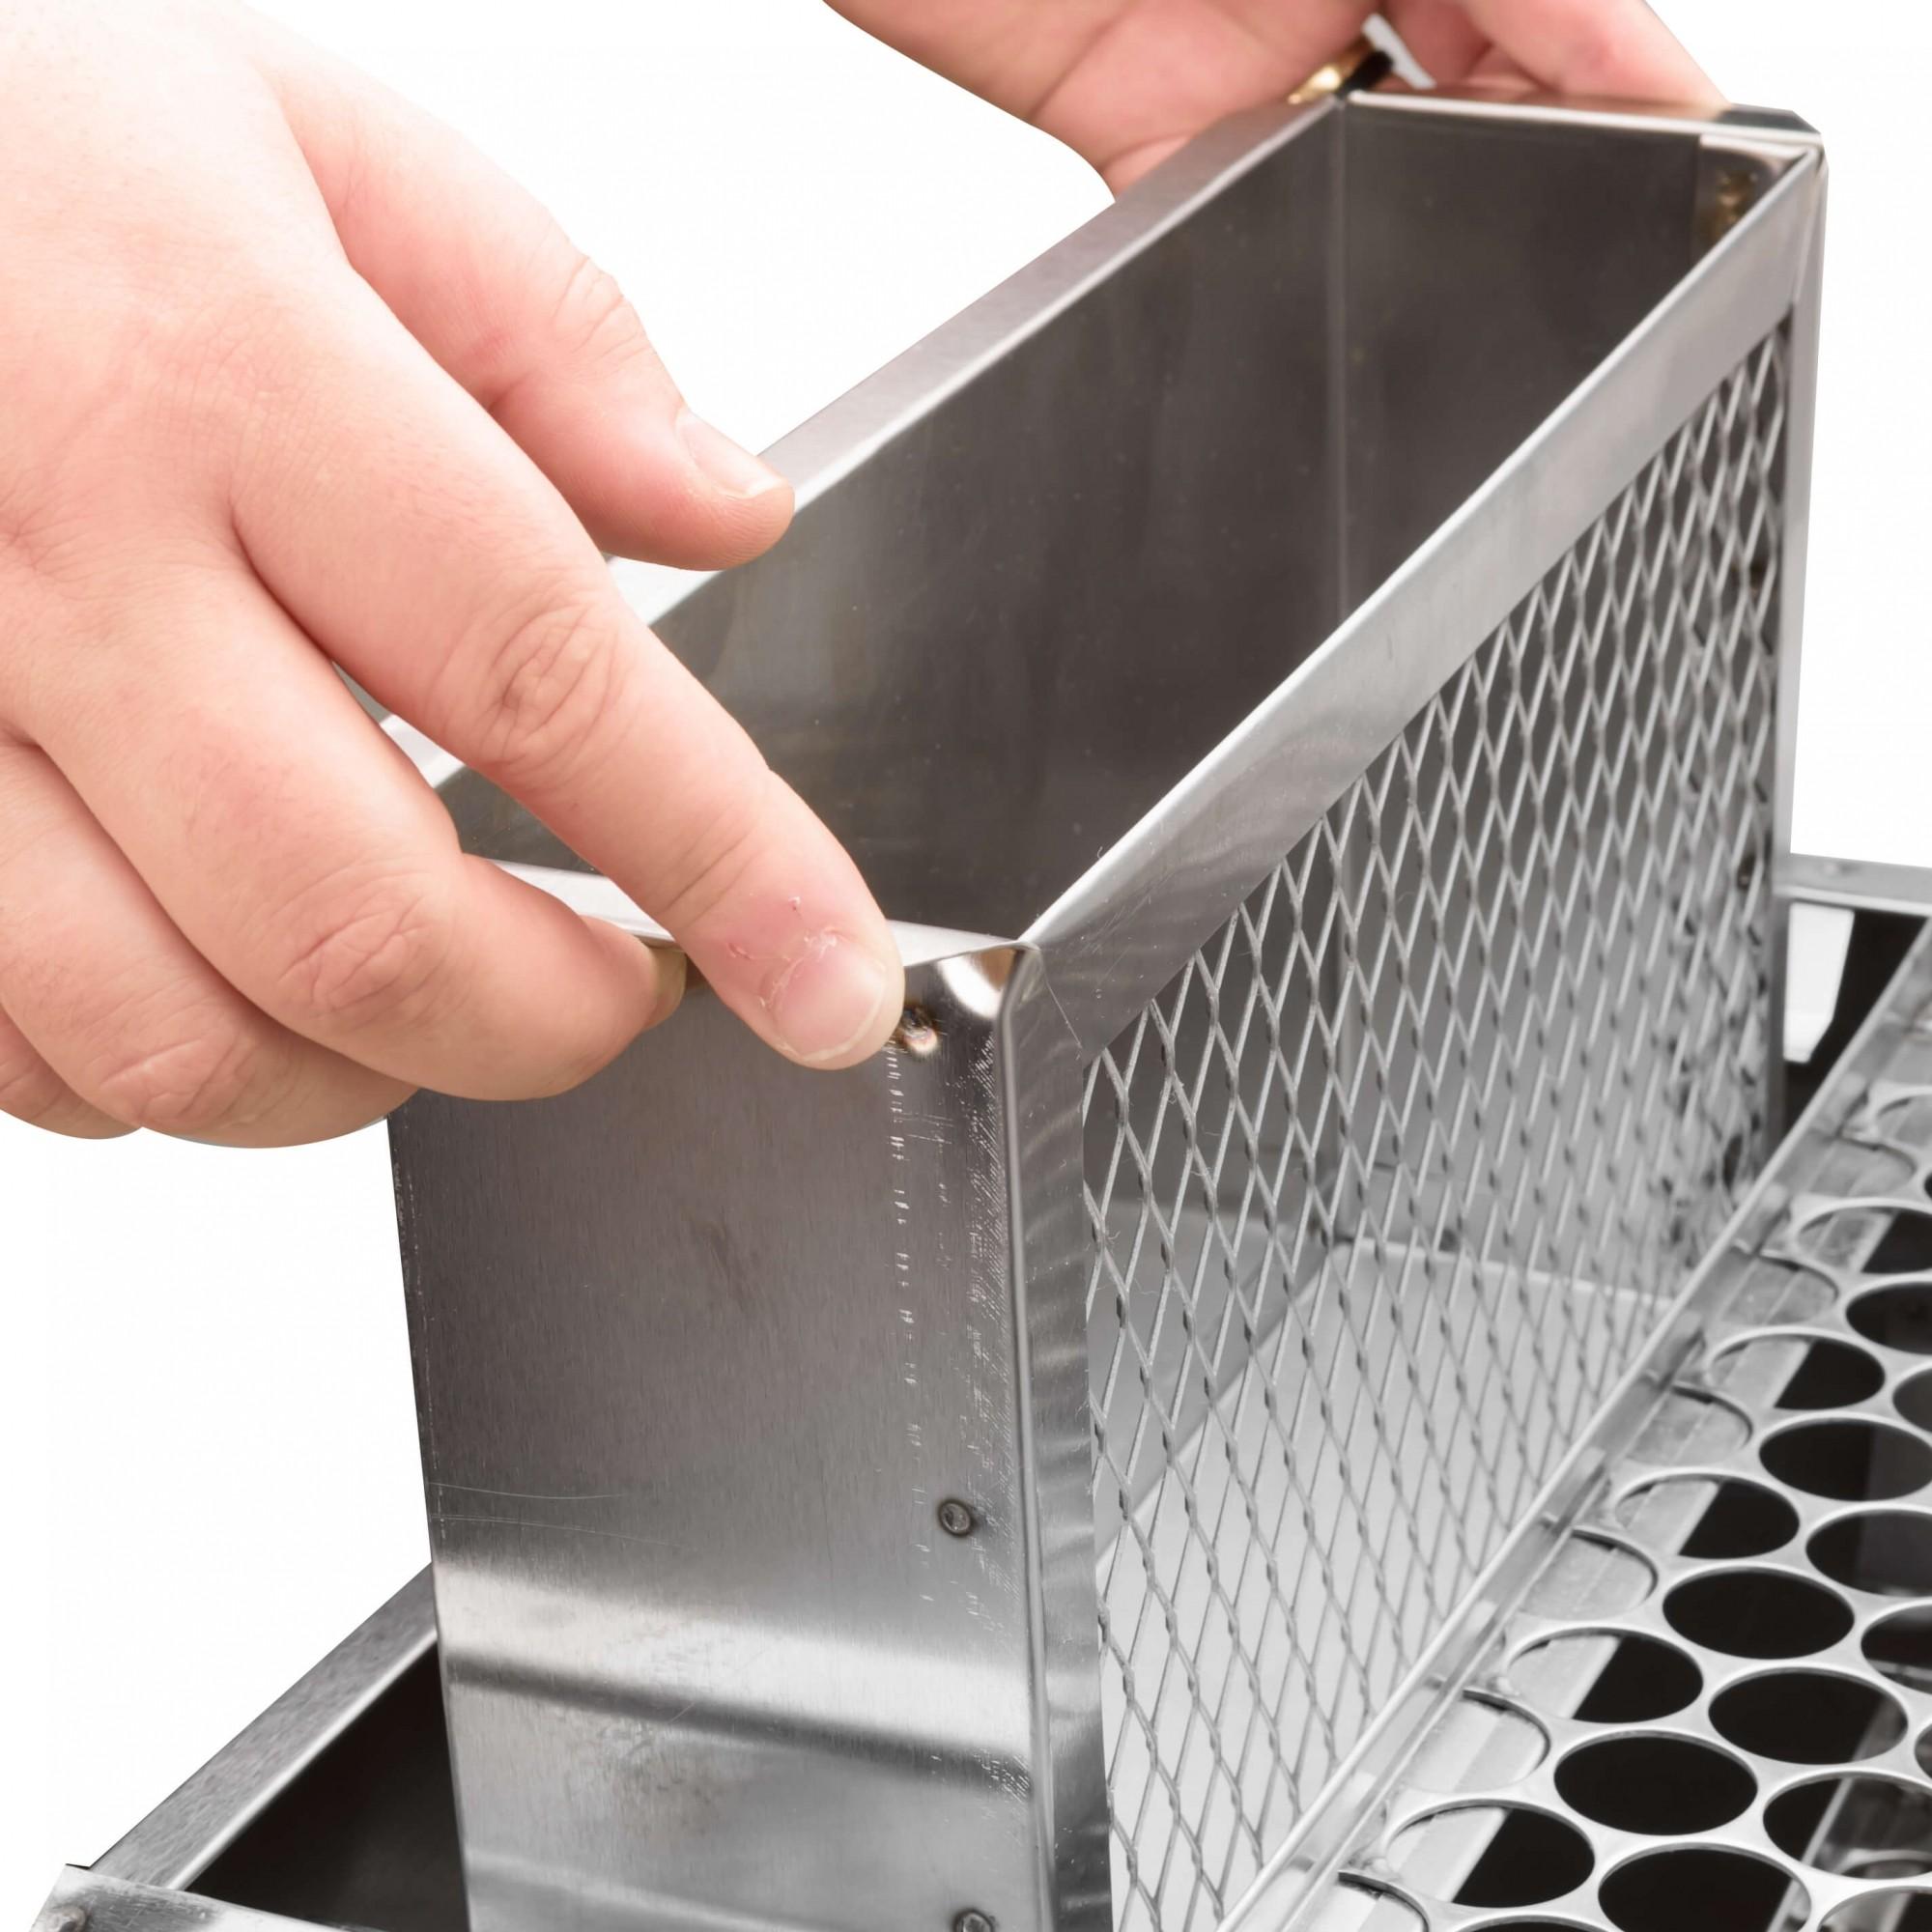 Churrasqueira Ecológica Para Apartamento Sem Fumaça 70 cm x 40 cm Aço Inox